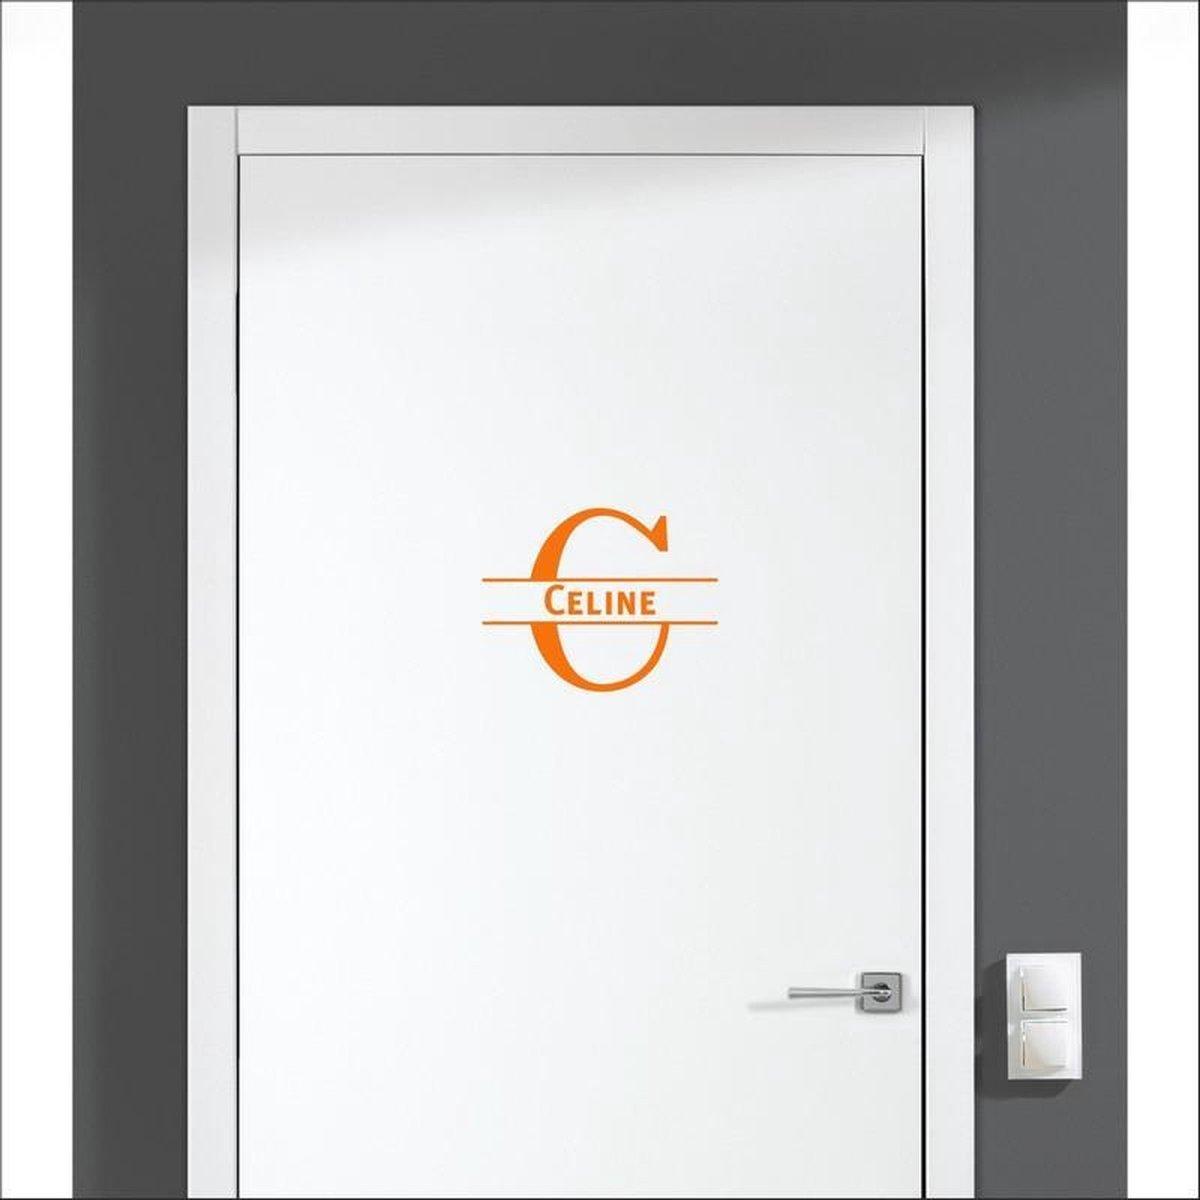 Deursticker Met Naam -  Celine - Oranje